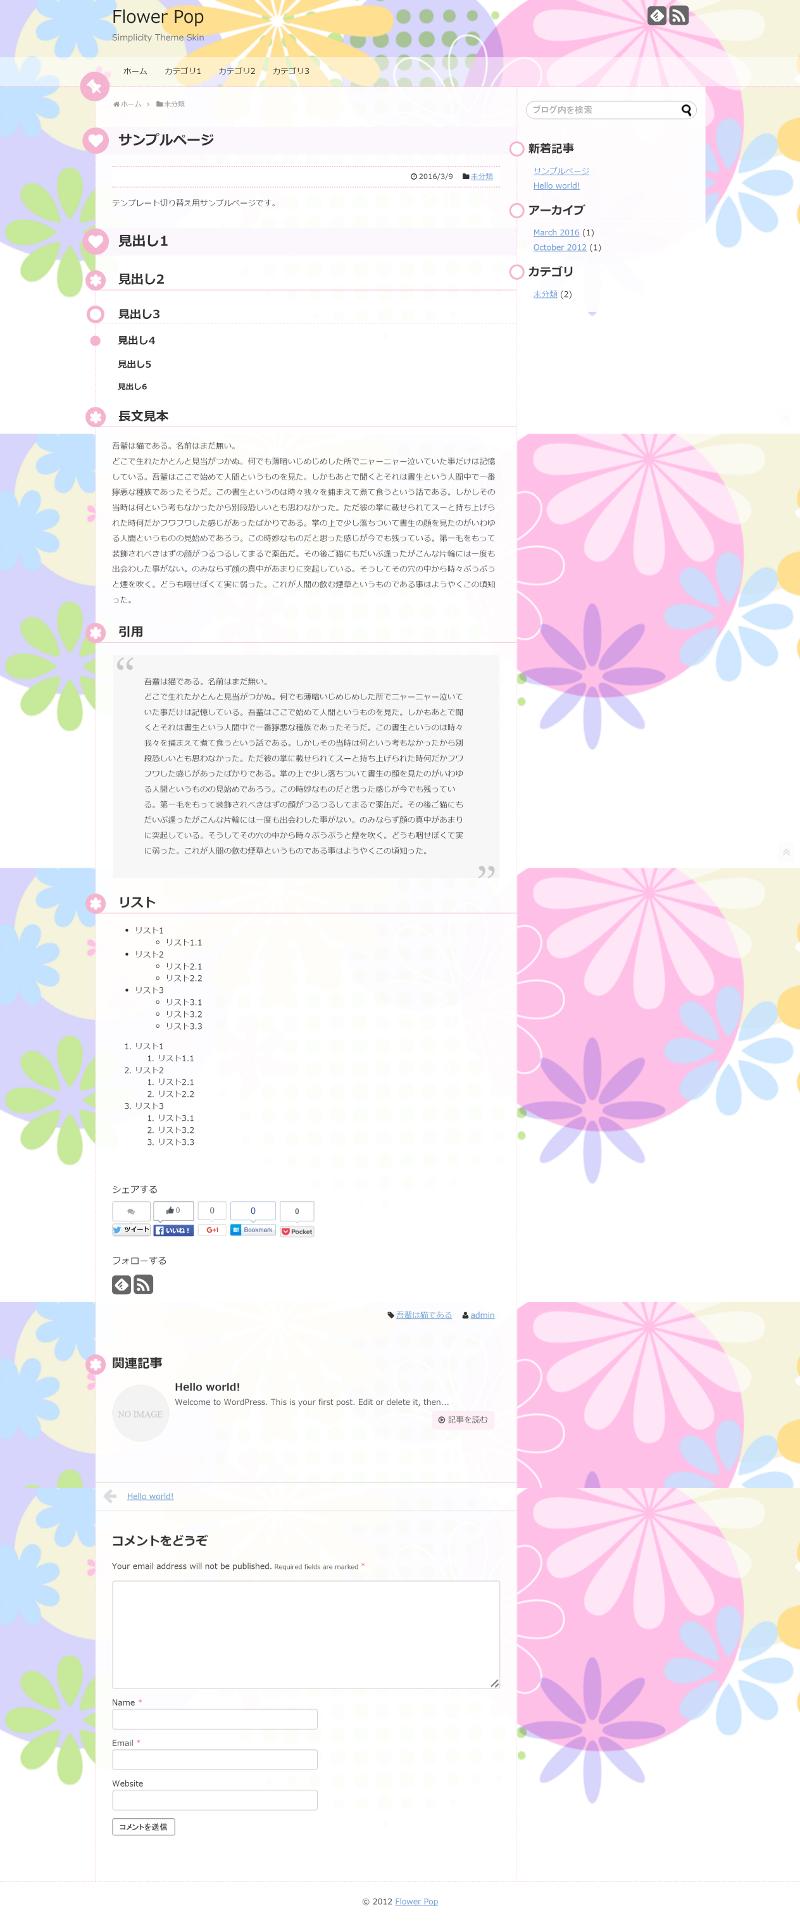 flower-pop_contents